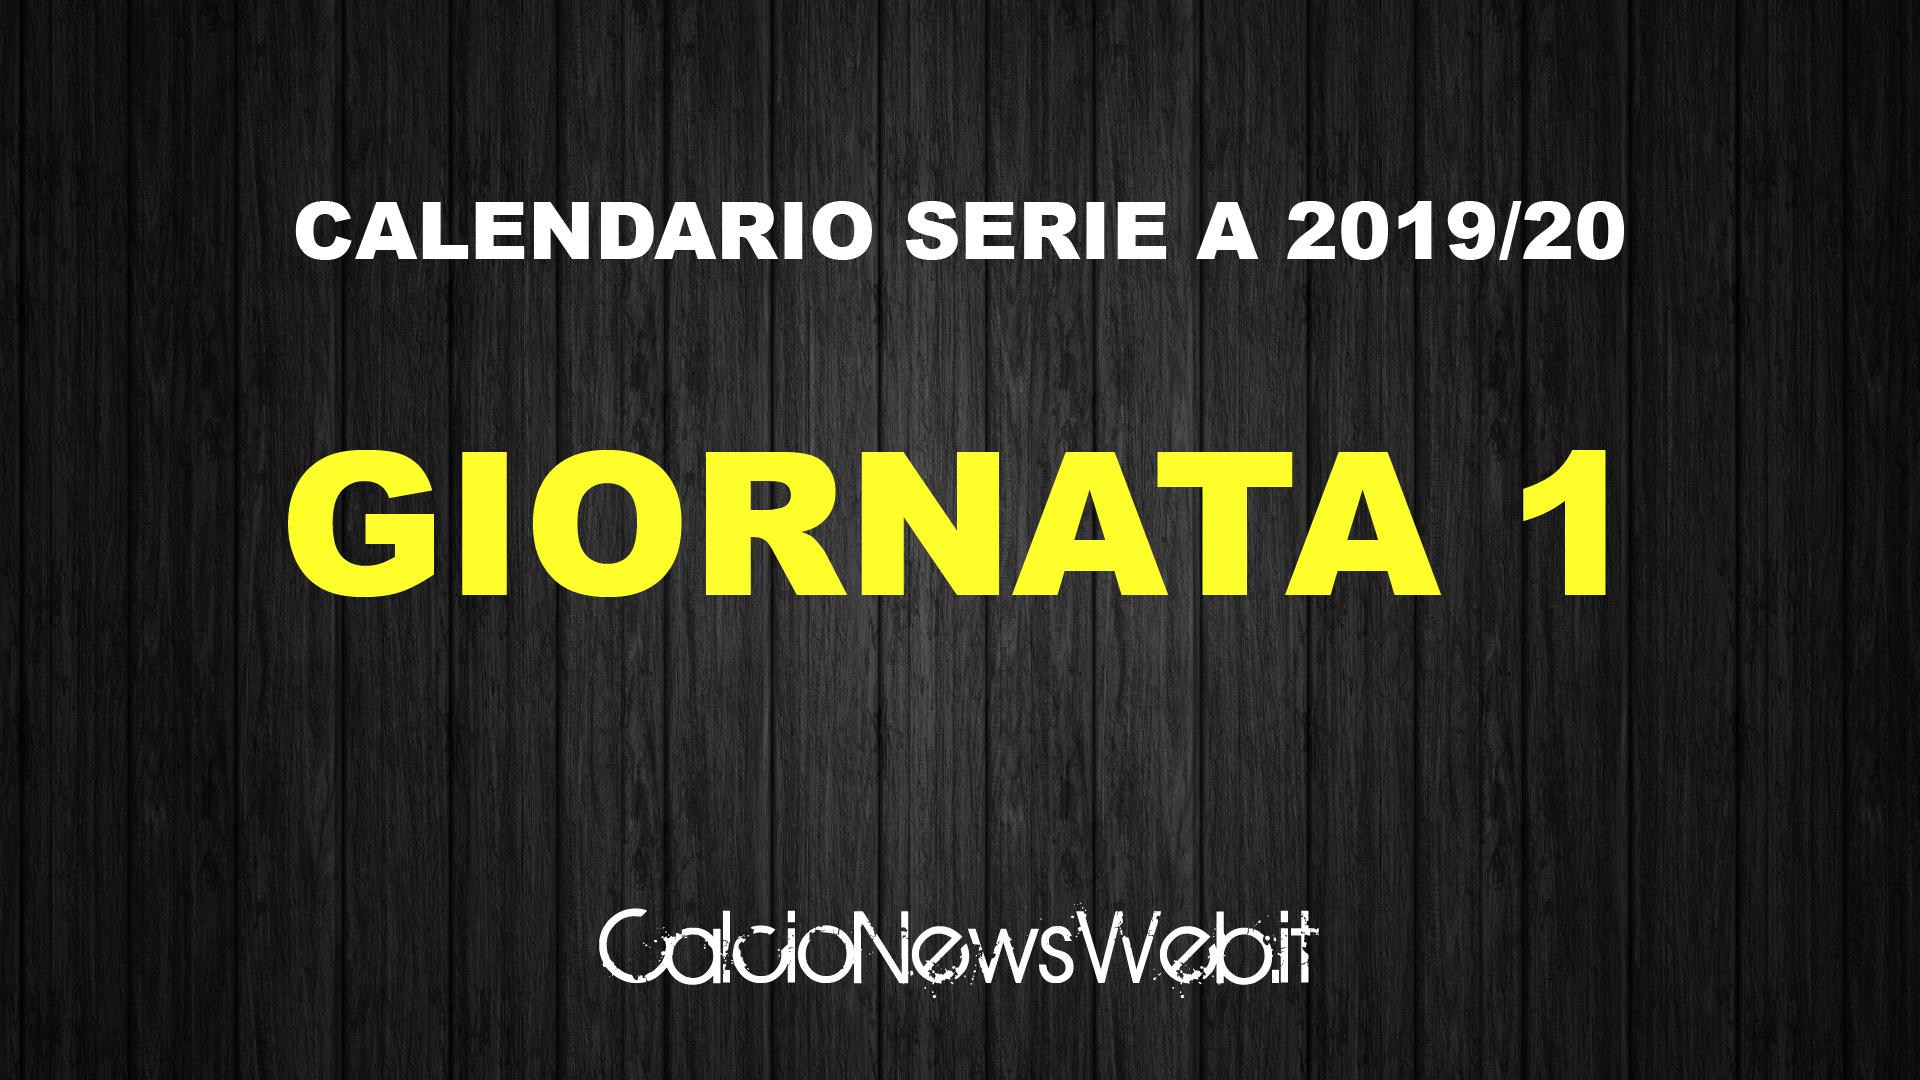 Calendario Serie A Ecco Le Partite Della Prima Giornata Calcionewsweb It